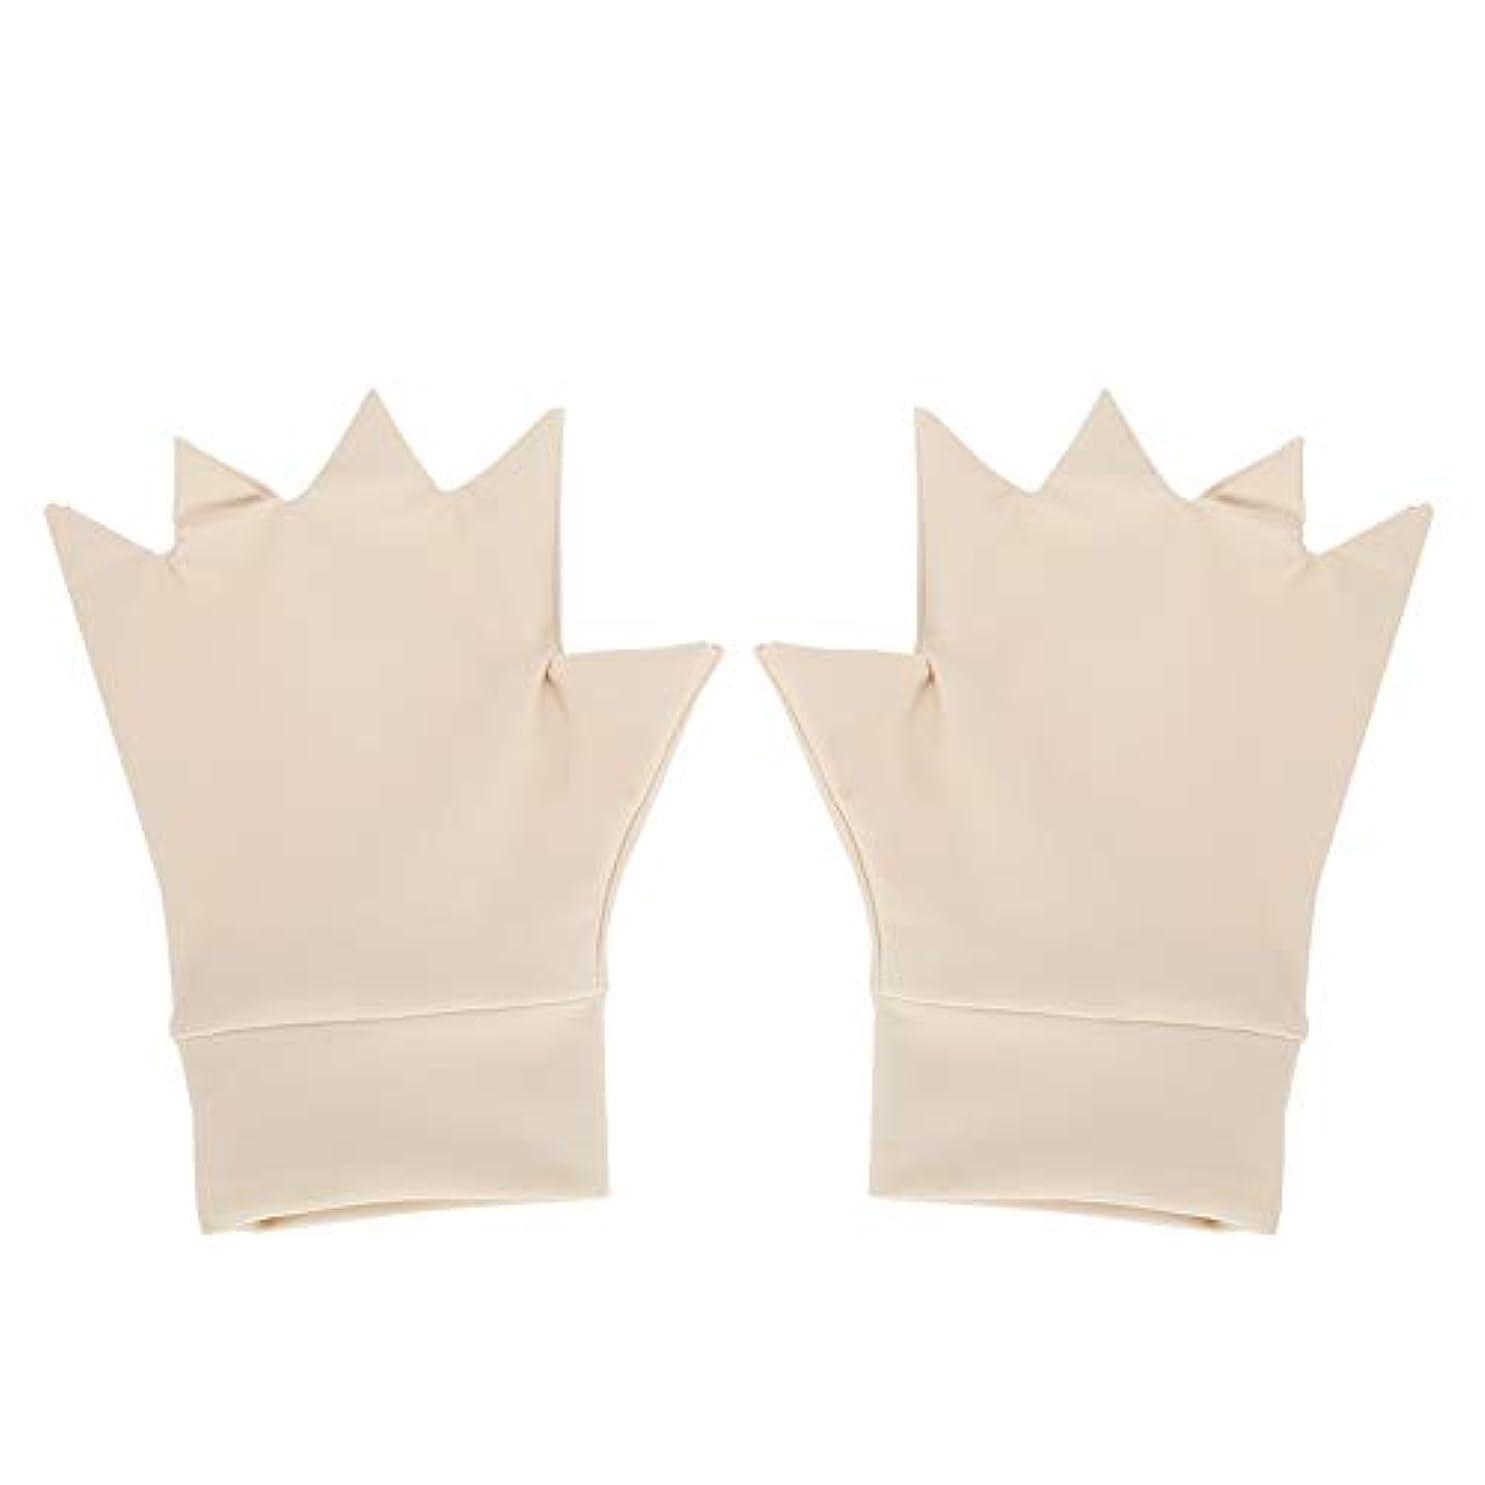 健全放射する秋抗関節炎の手袋、抗関節炎のヘルスケアの手袋の圧縮療法のリウマチの痛み